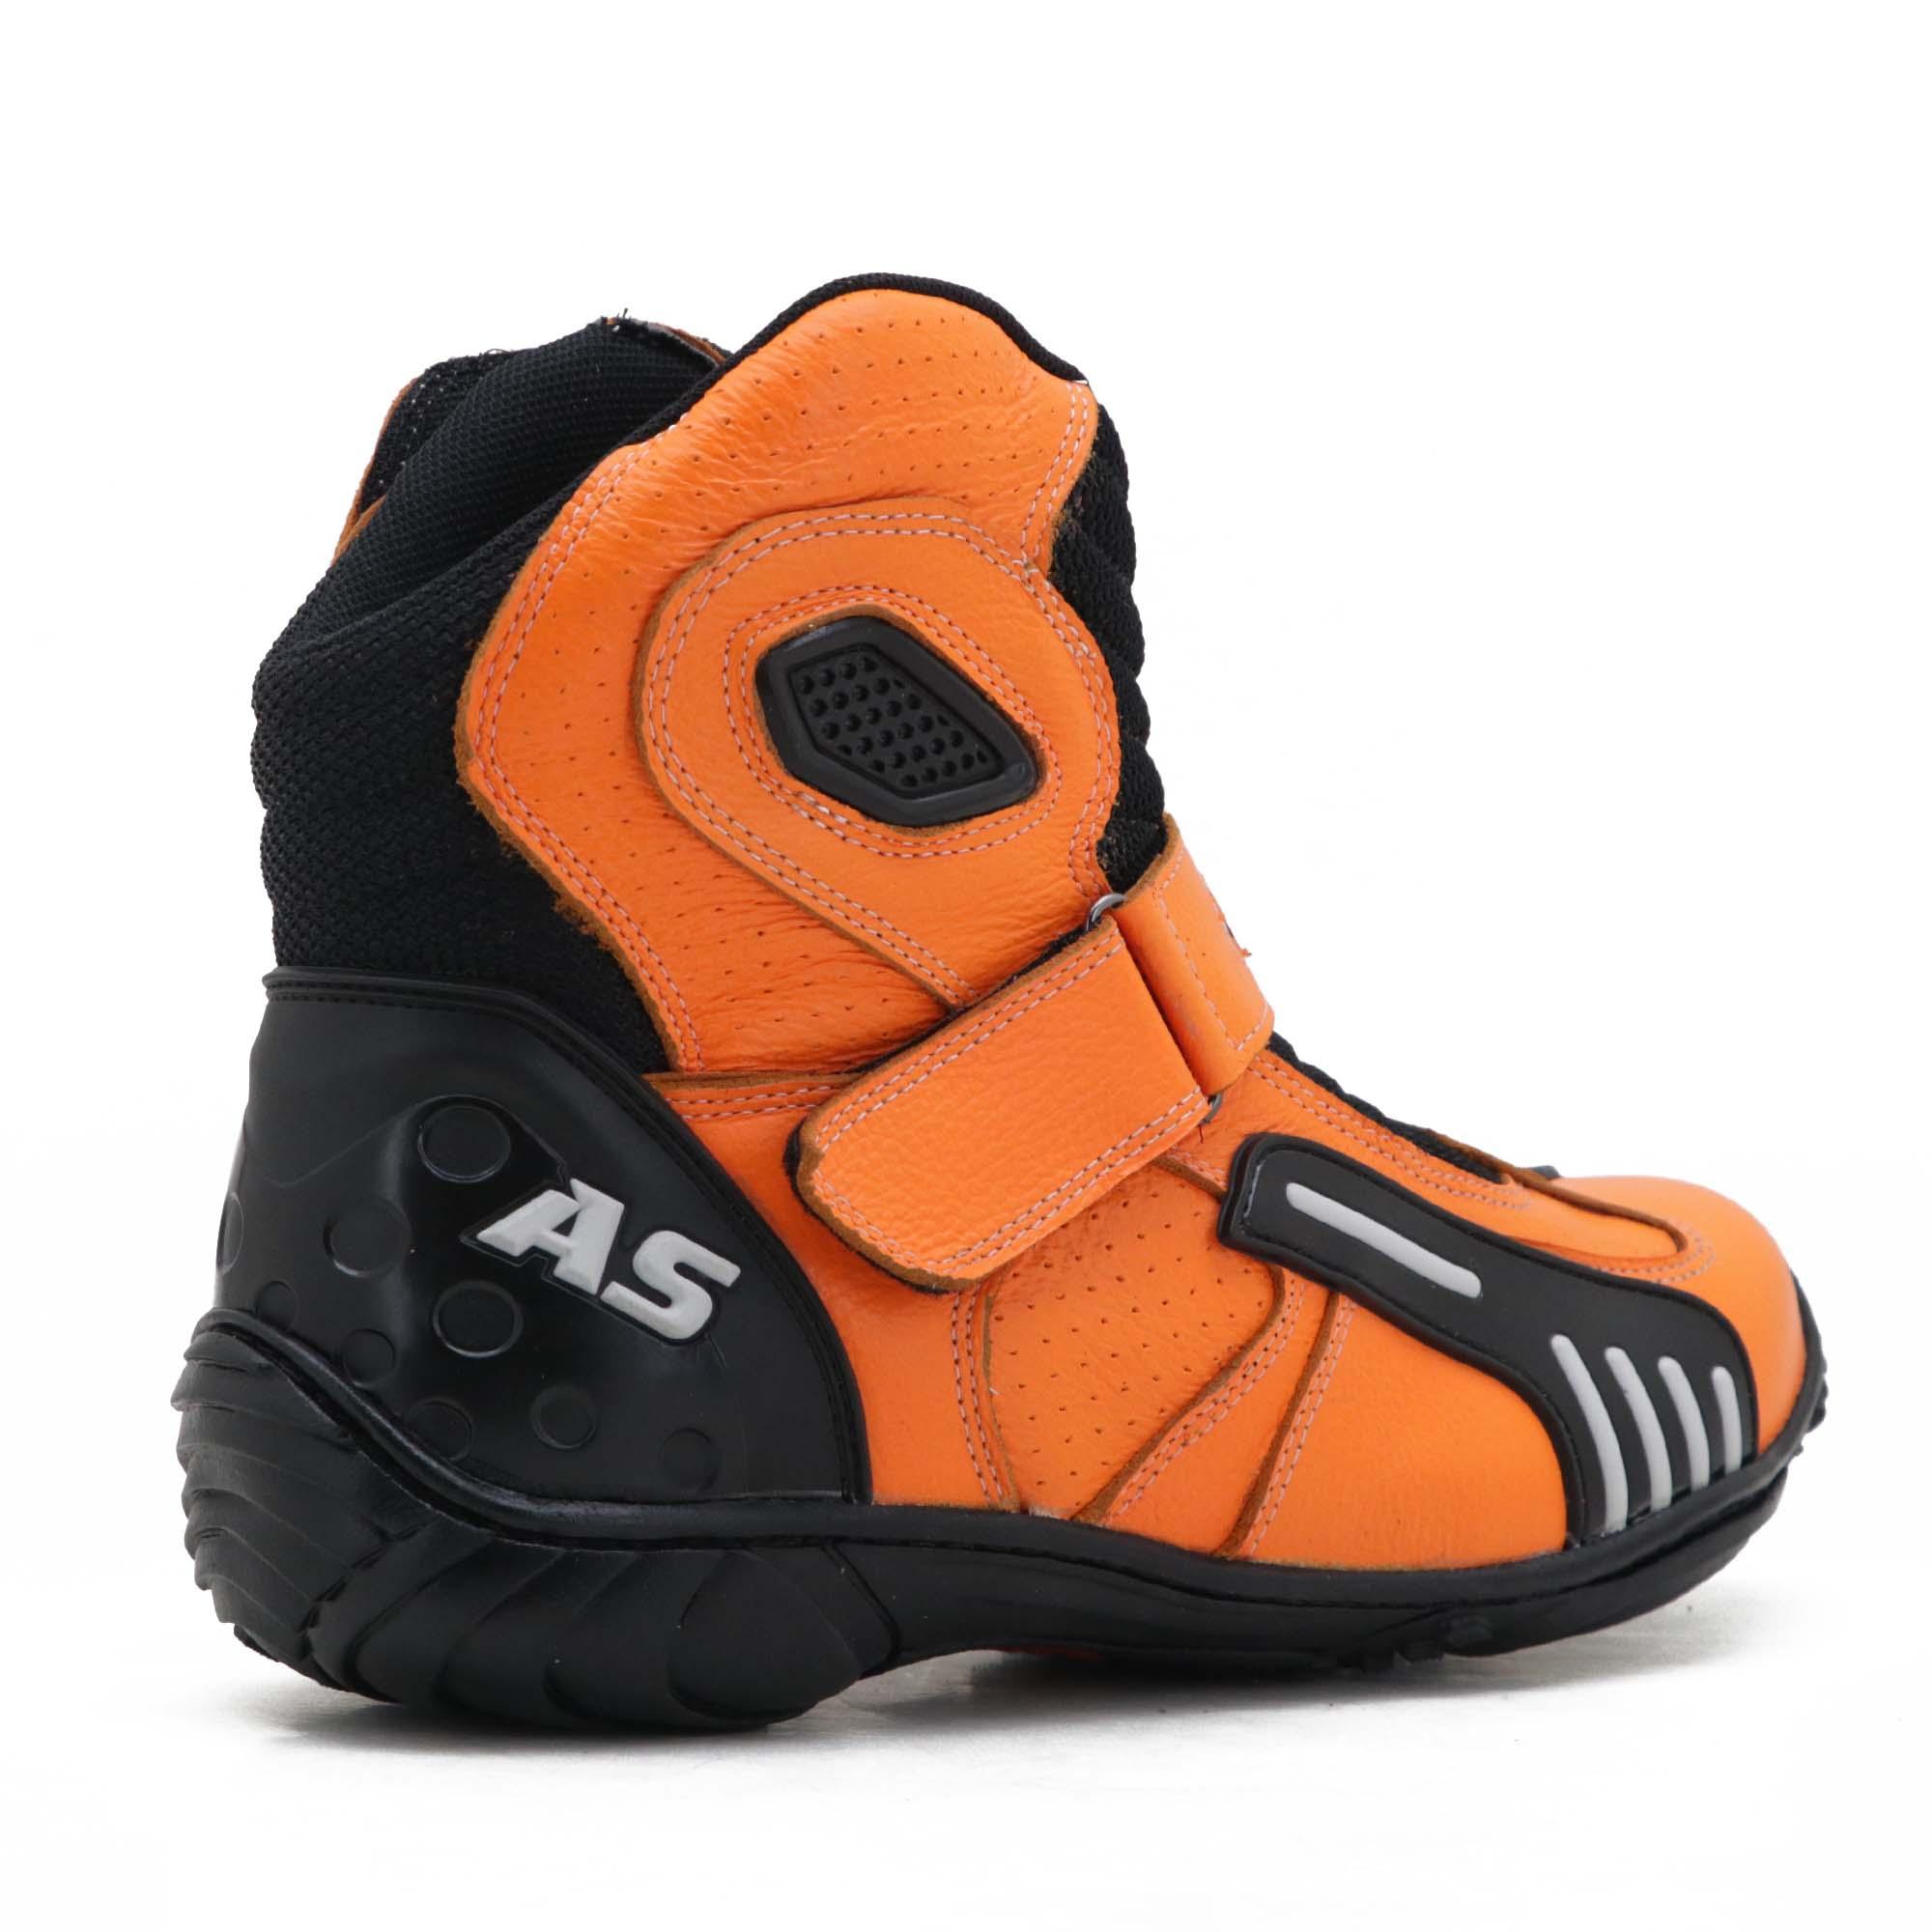 Bota motociclista AS-RACING Vented em couro legítimo na cor laranja